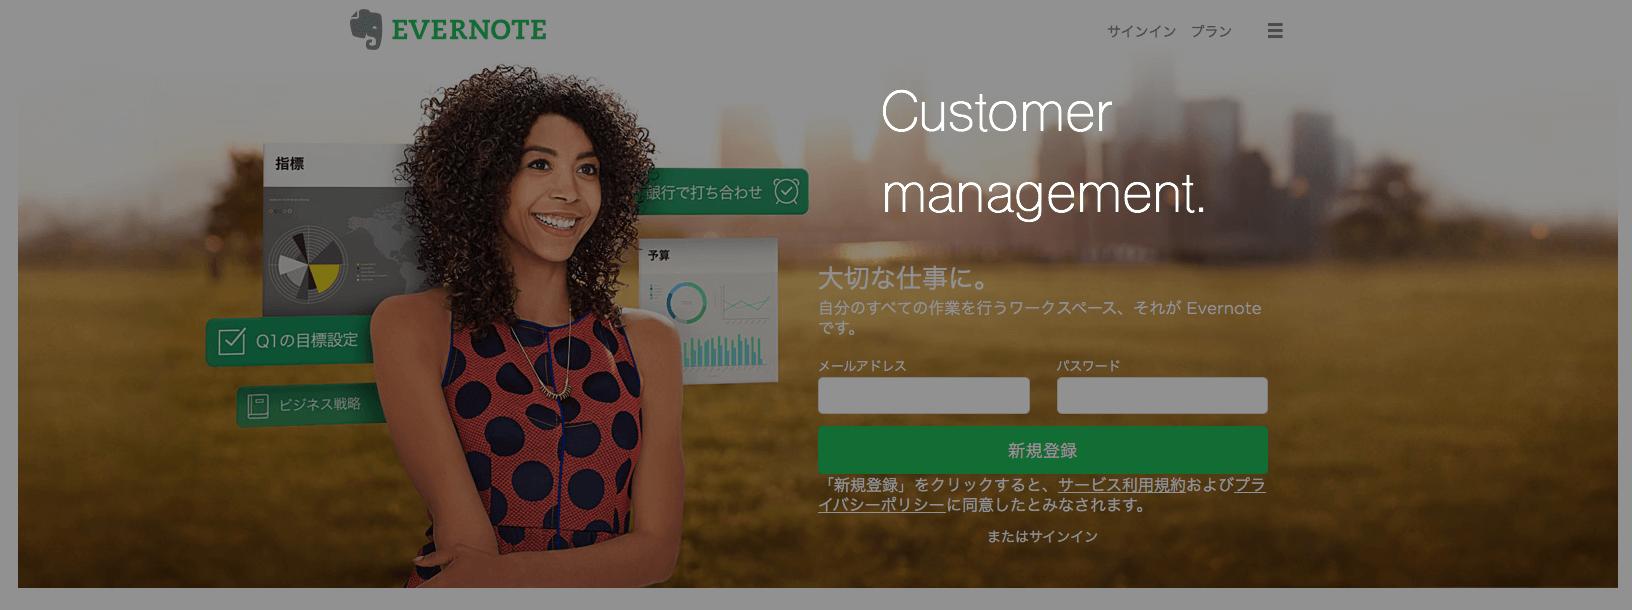 美容師やエステサロンなどのカルテ管理におすすめ!Evernoteアプリを使った簡単な顧客管理方法。